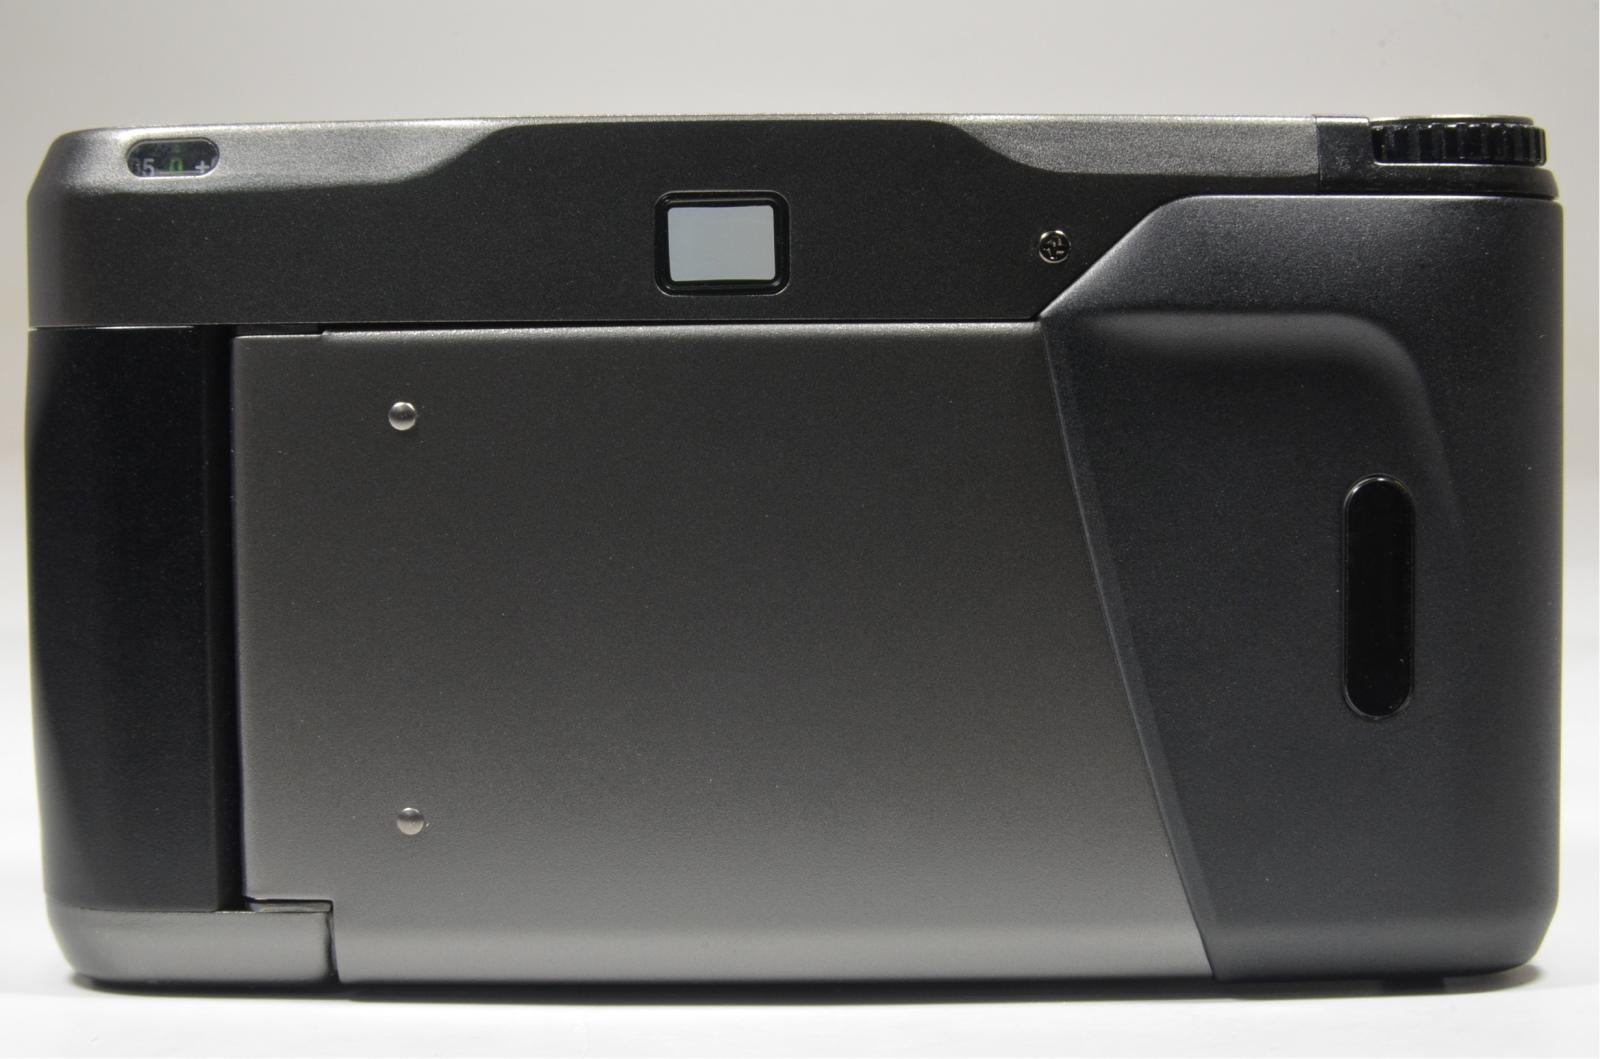 contax t2 titanium black 35mm film camera with full leather case